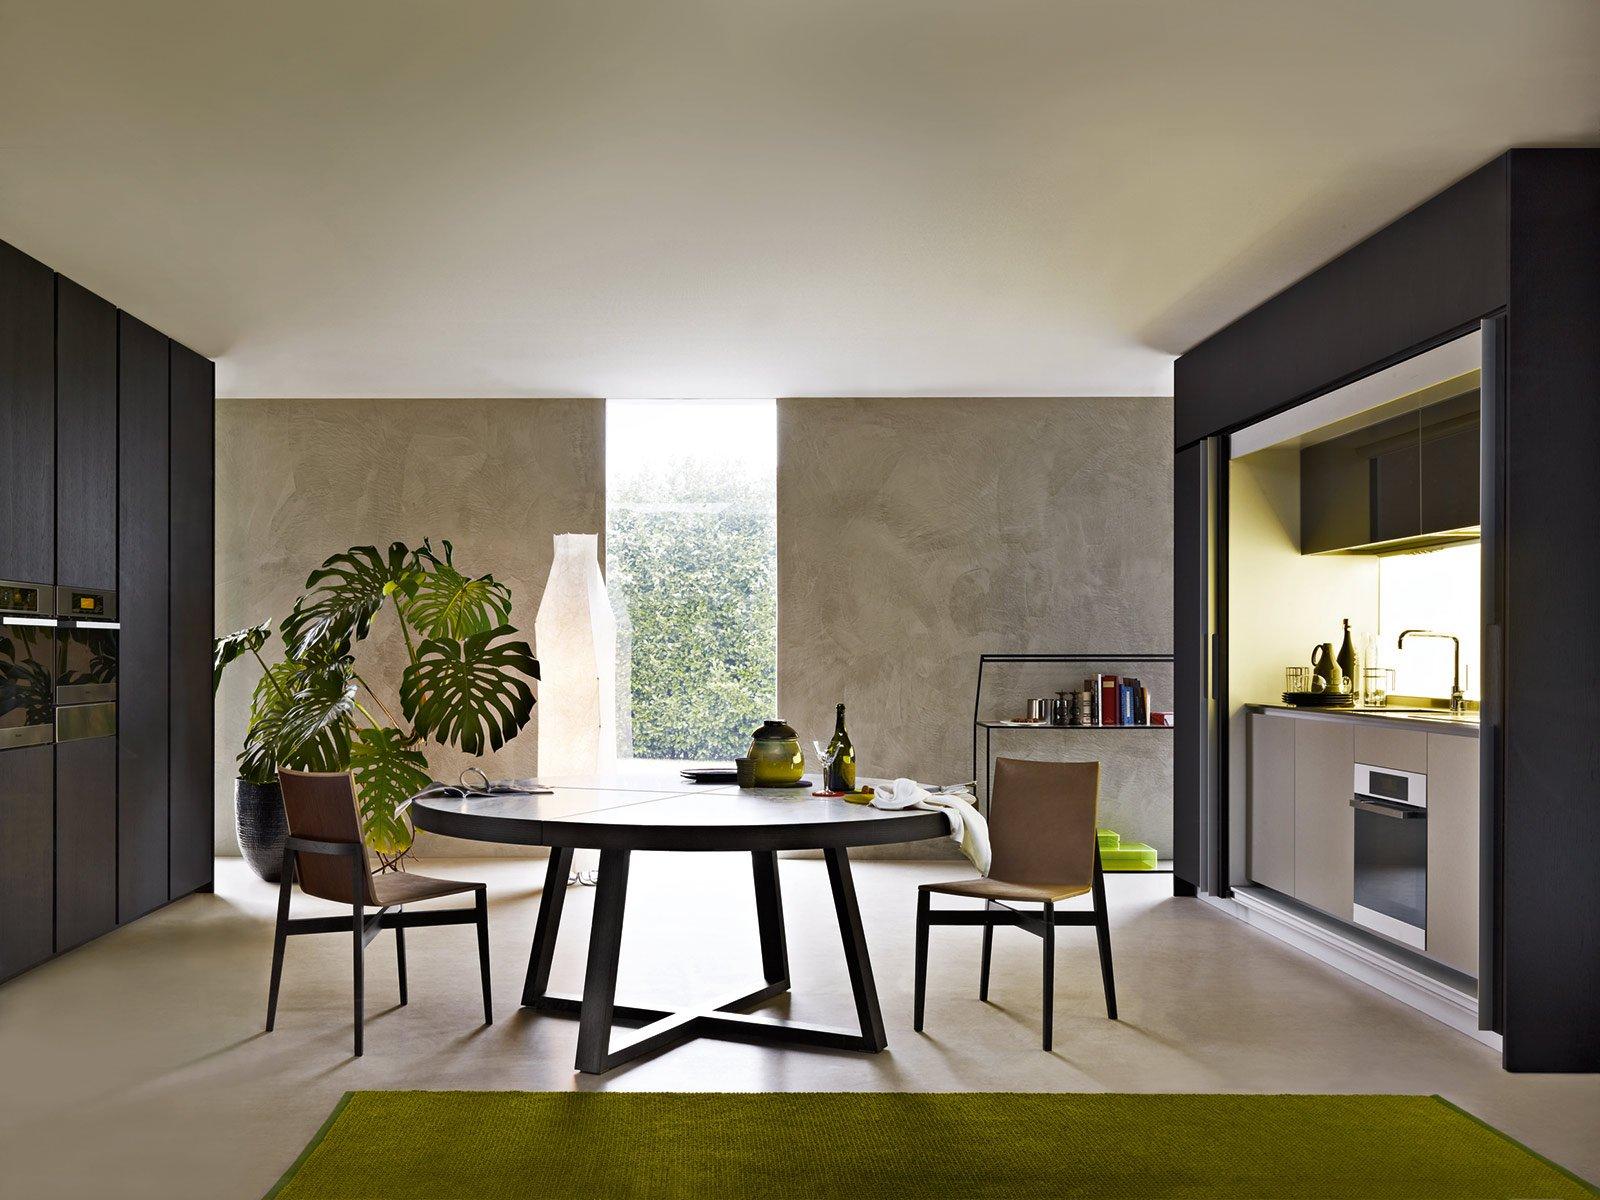 Tavoli Per Soggiorno Moderno : Tavoli Per Salotto Moderni. Tavoli Per  #4F5812 1600 1200 Sedie Per Sala Da Pranzo Mondo Convenienza